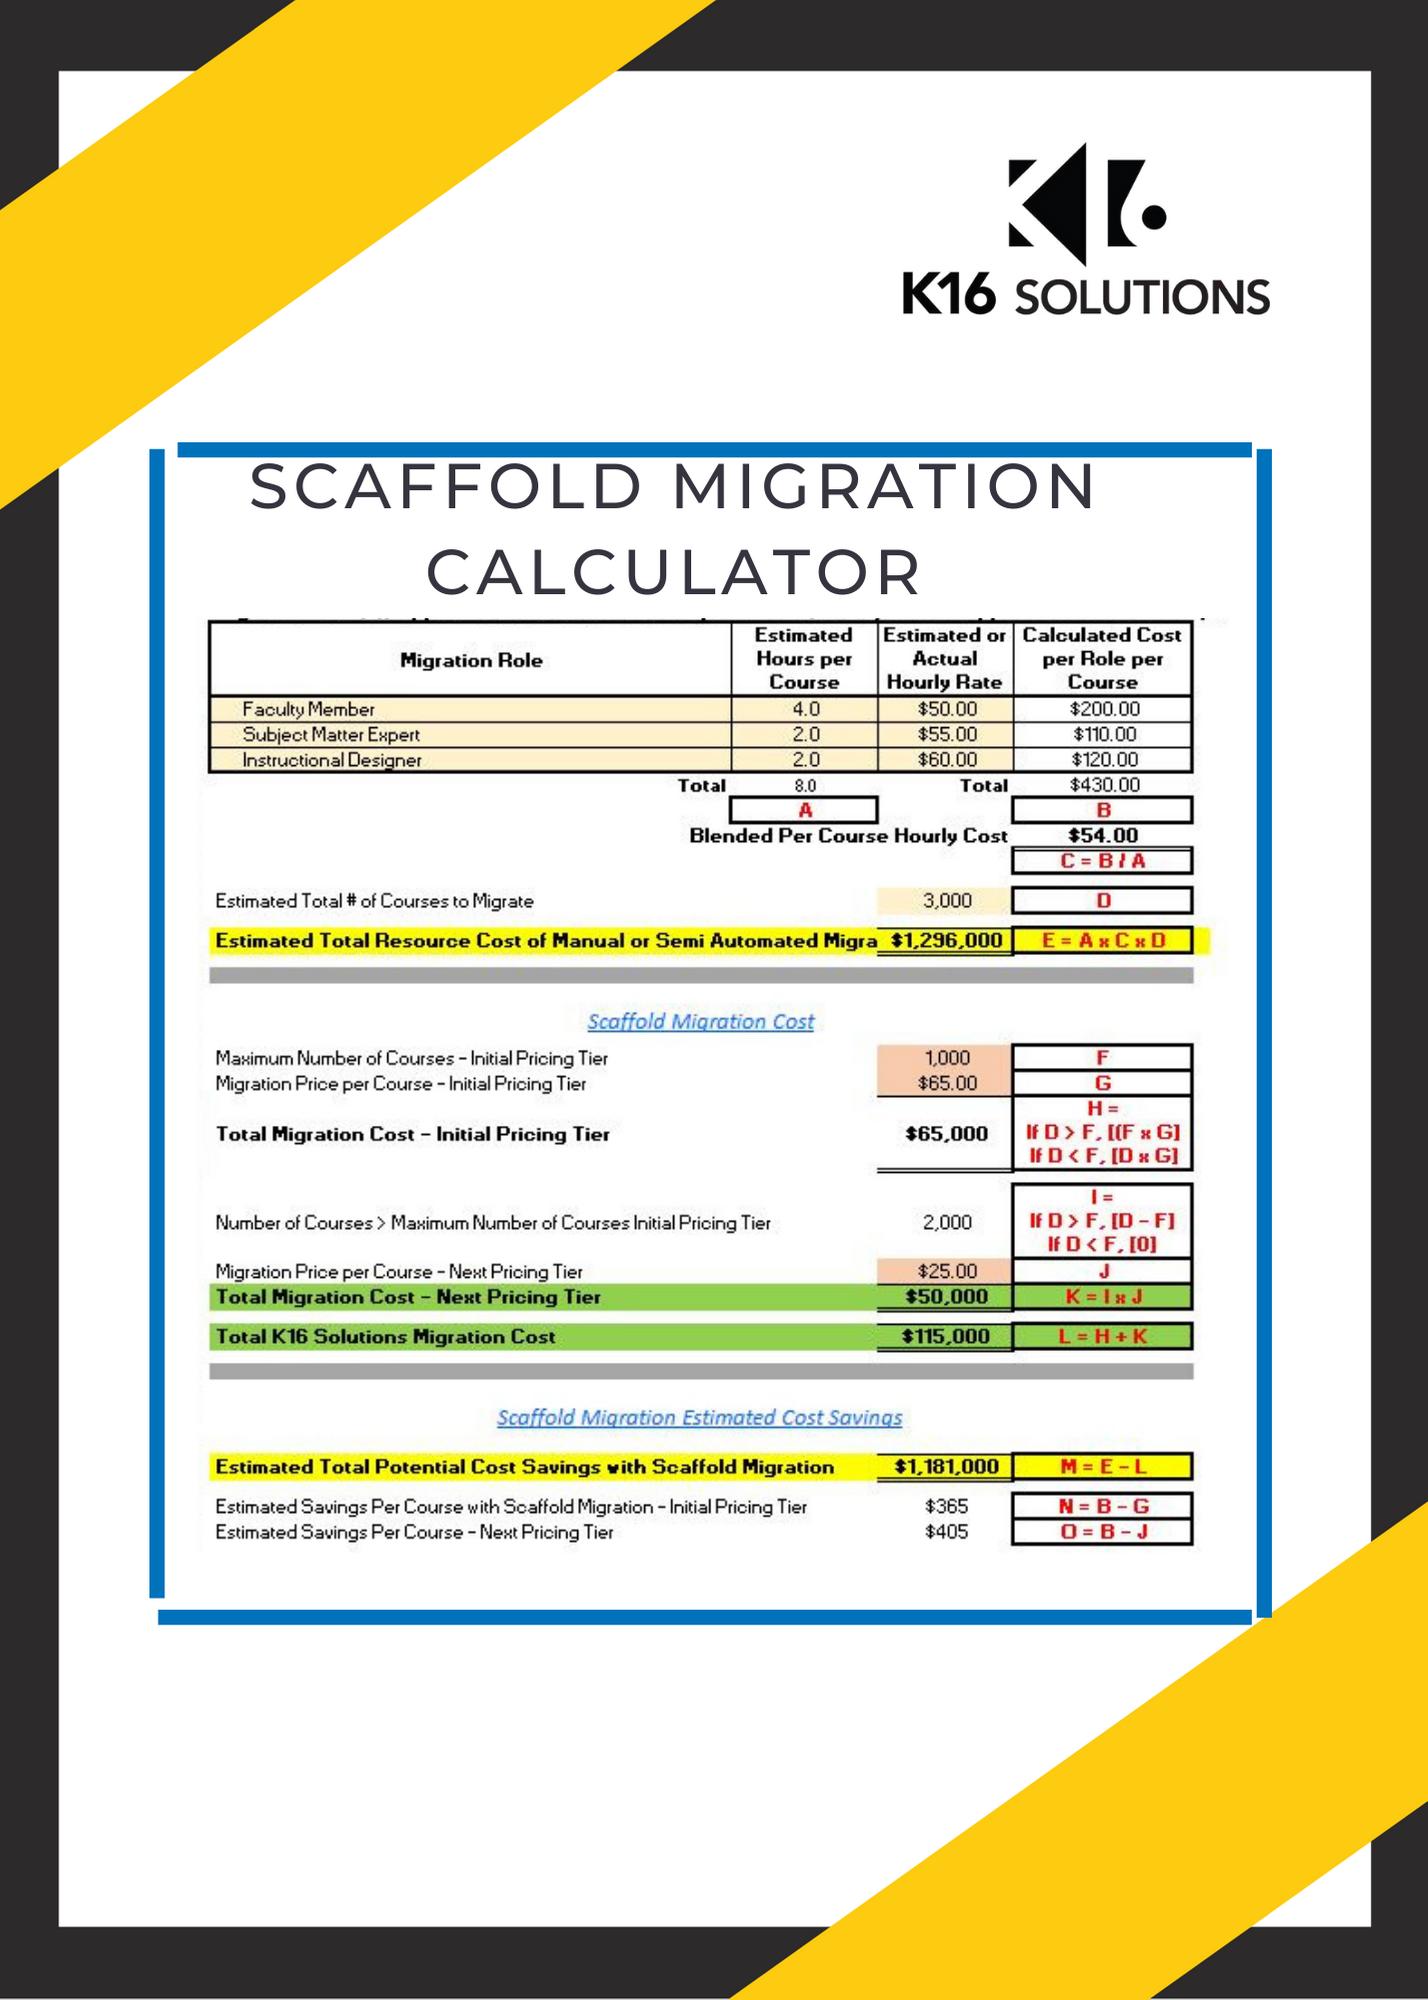 Migration_Calculator_Screenshot_02-2021-png